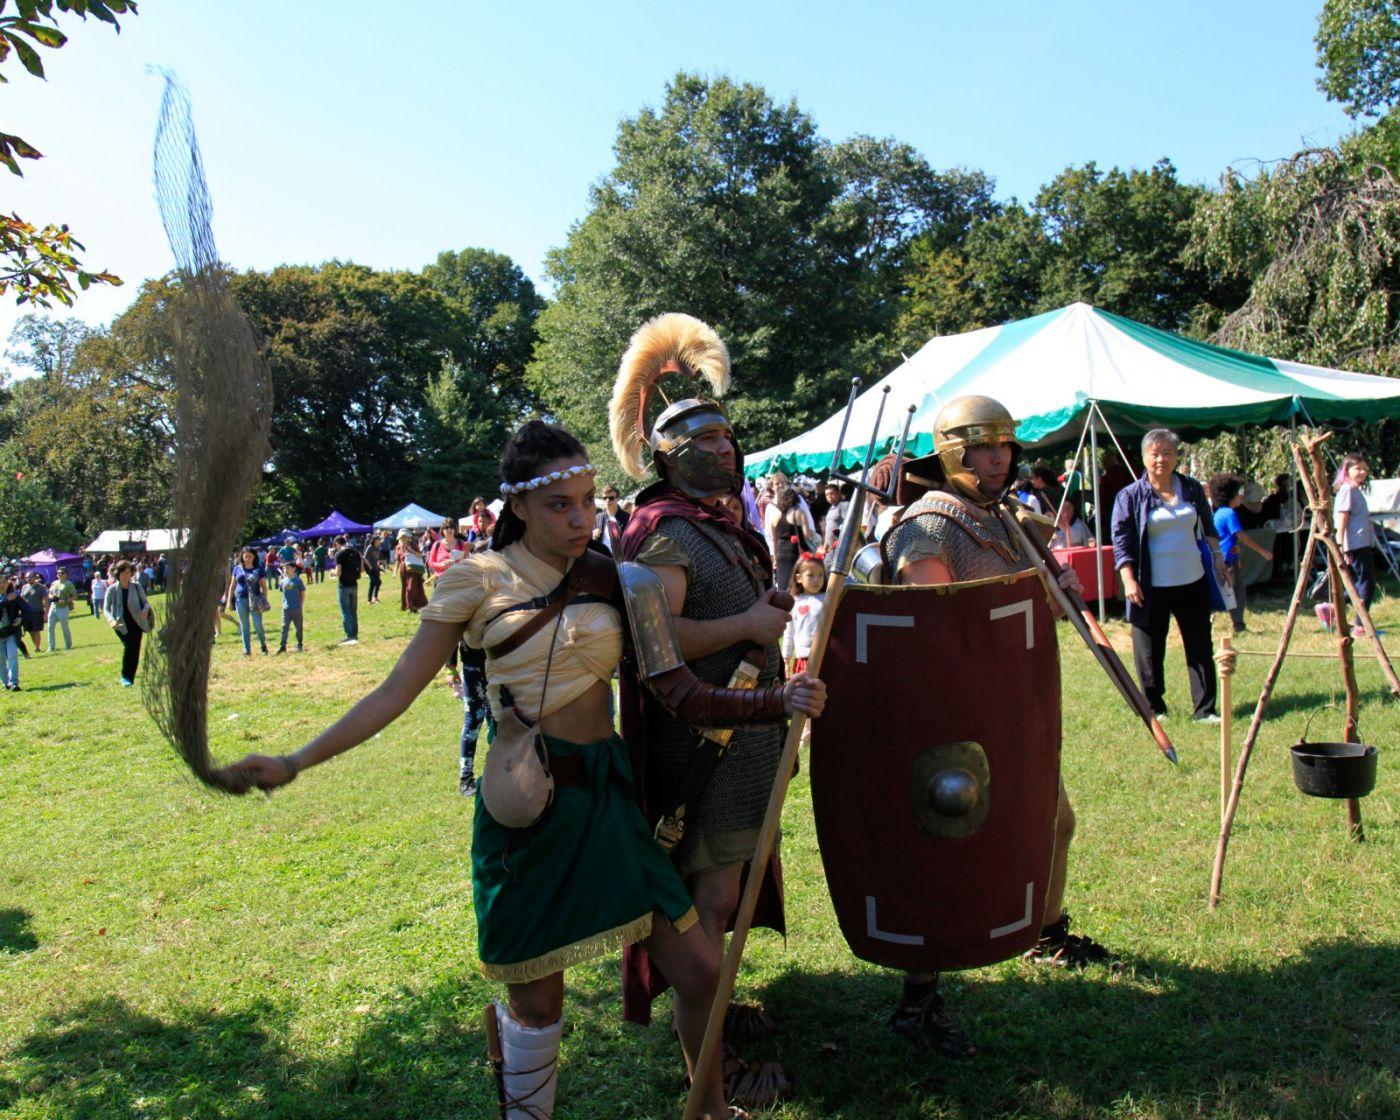 一年一度的崔恩堡公园中世纪节热闹非凡_图1-25